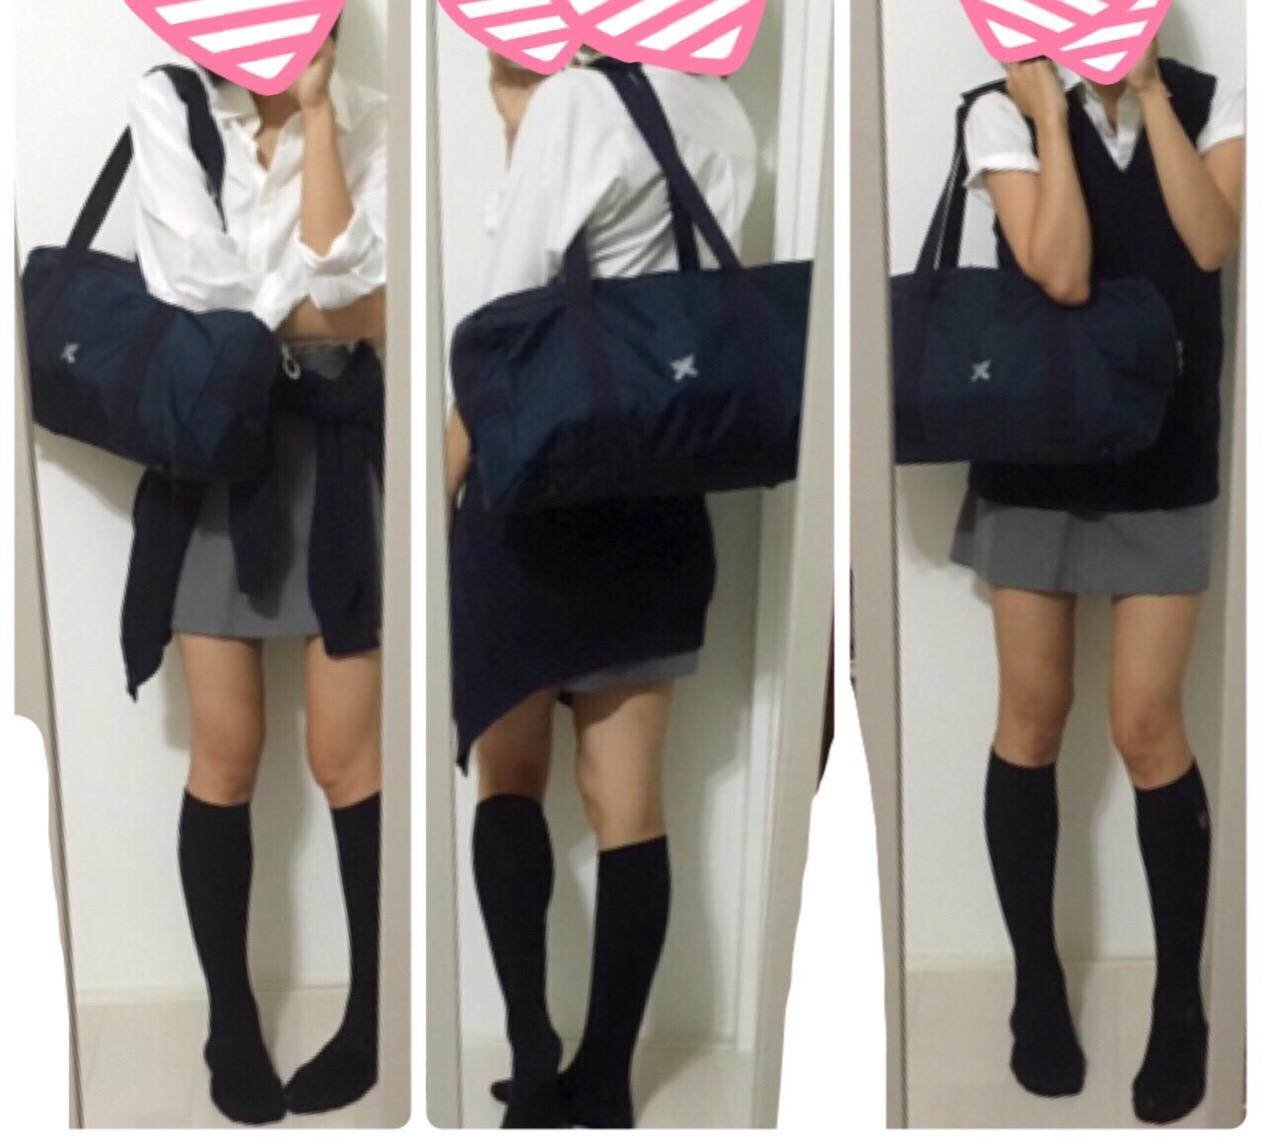 【画像】制服がタイトスカートのJKエロすぎい!!! img6620395455225